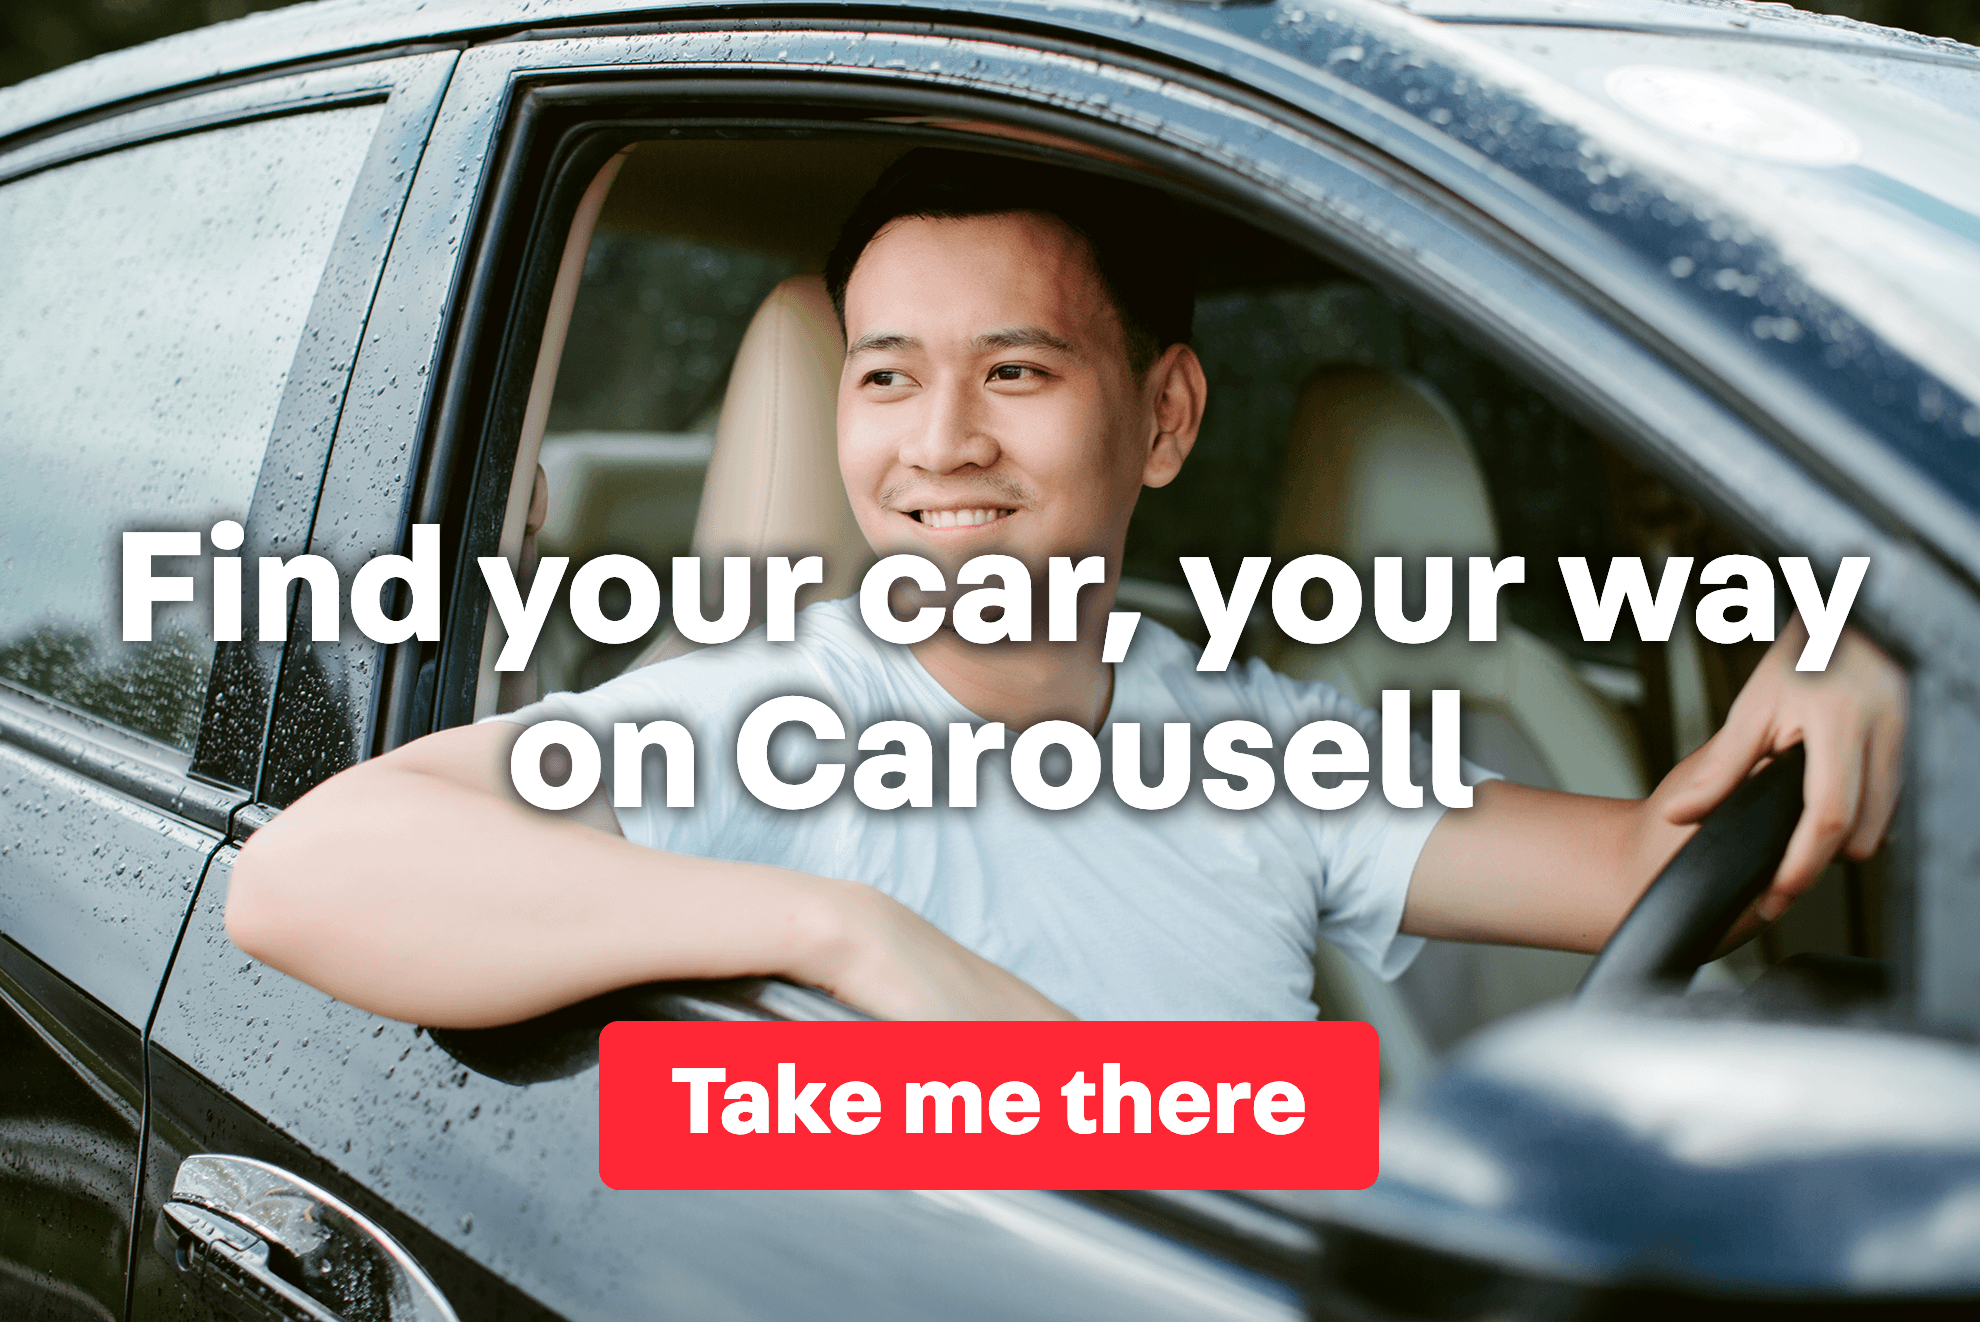 buy-car-on-carousell